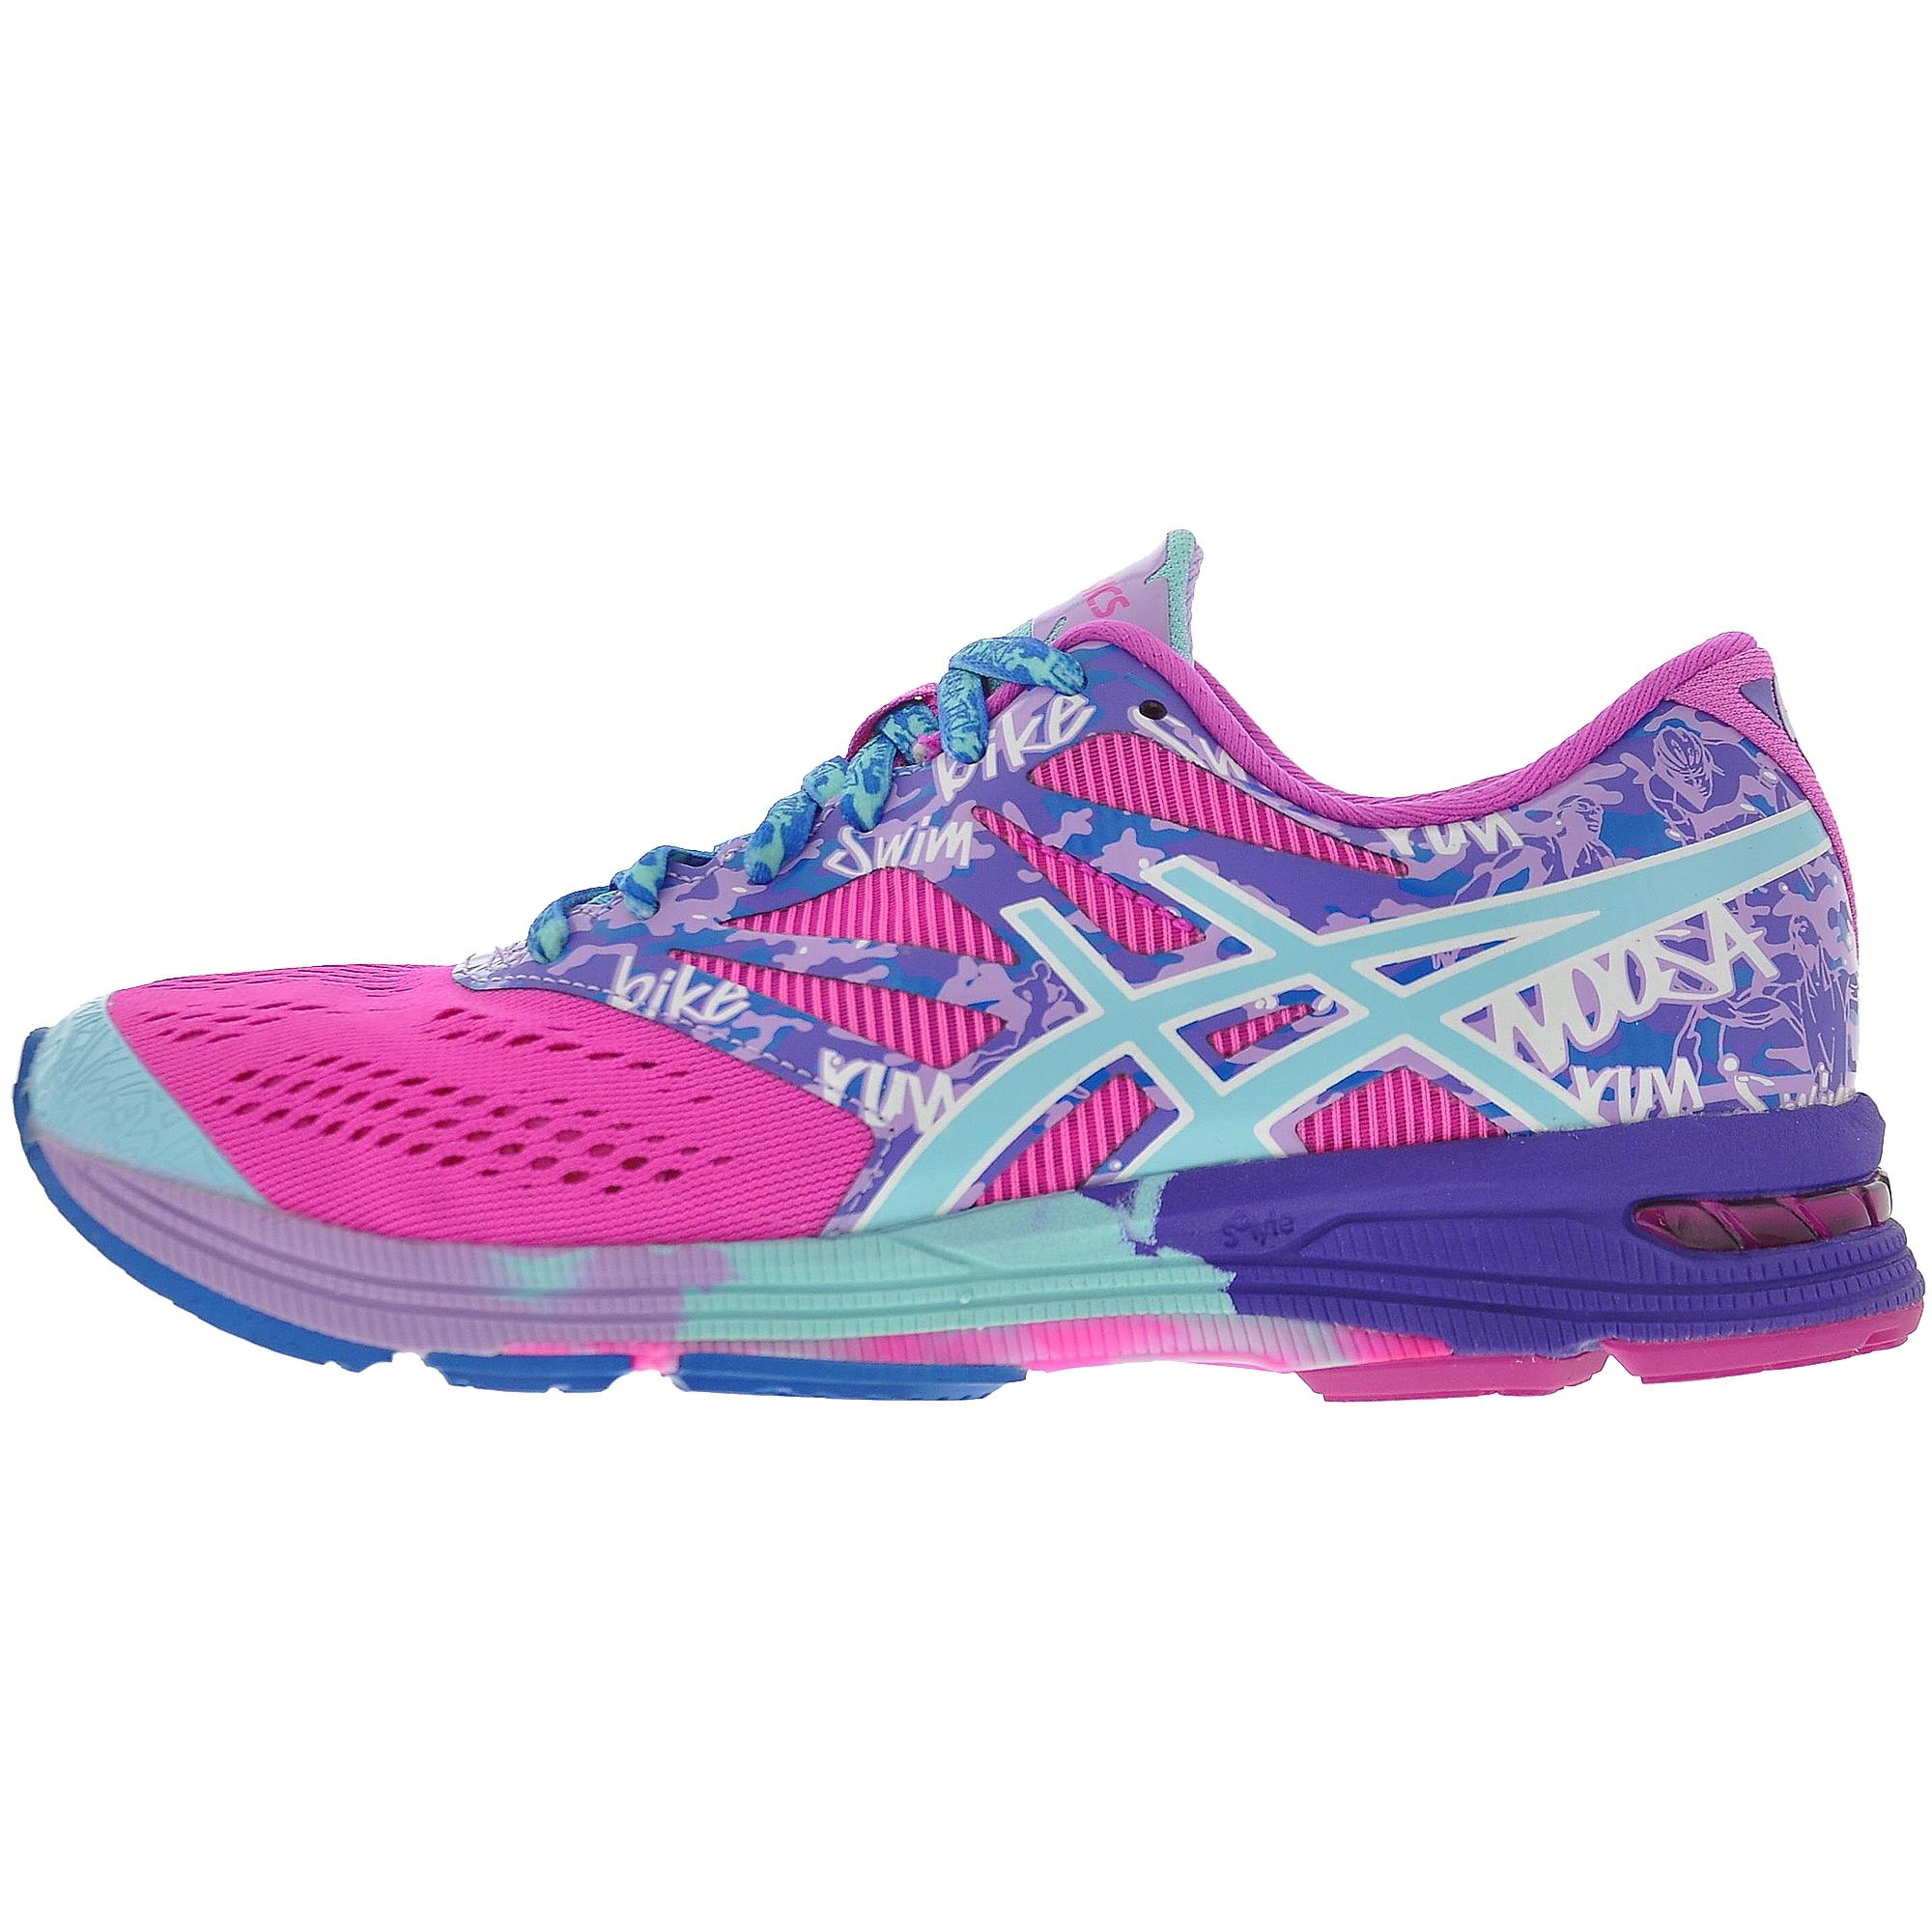 Asics Noosa GS Kadın Spor Ayakkabısı